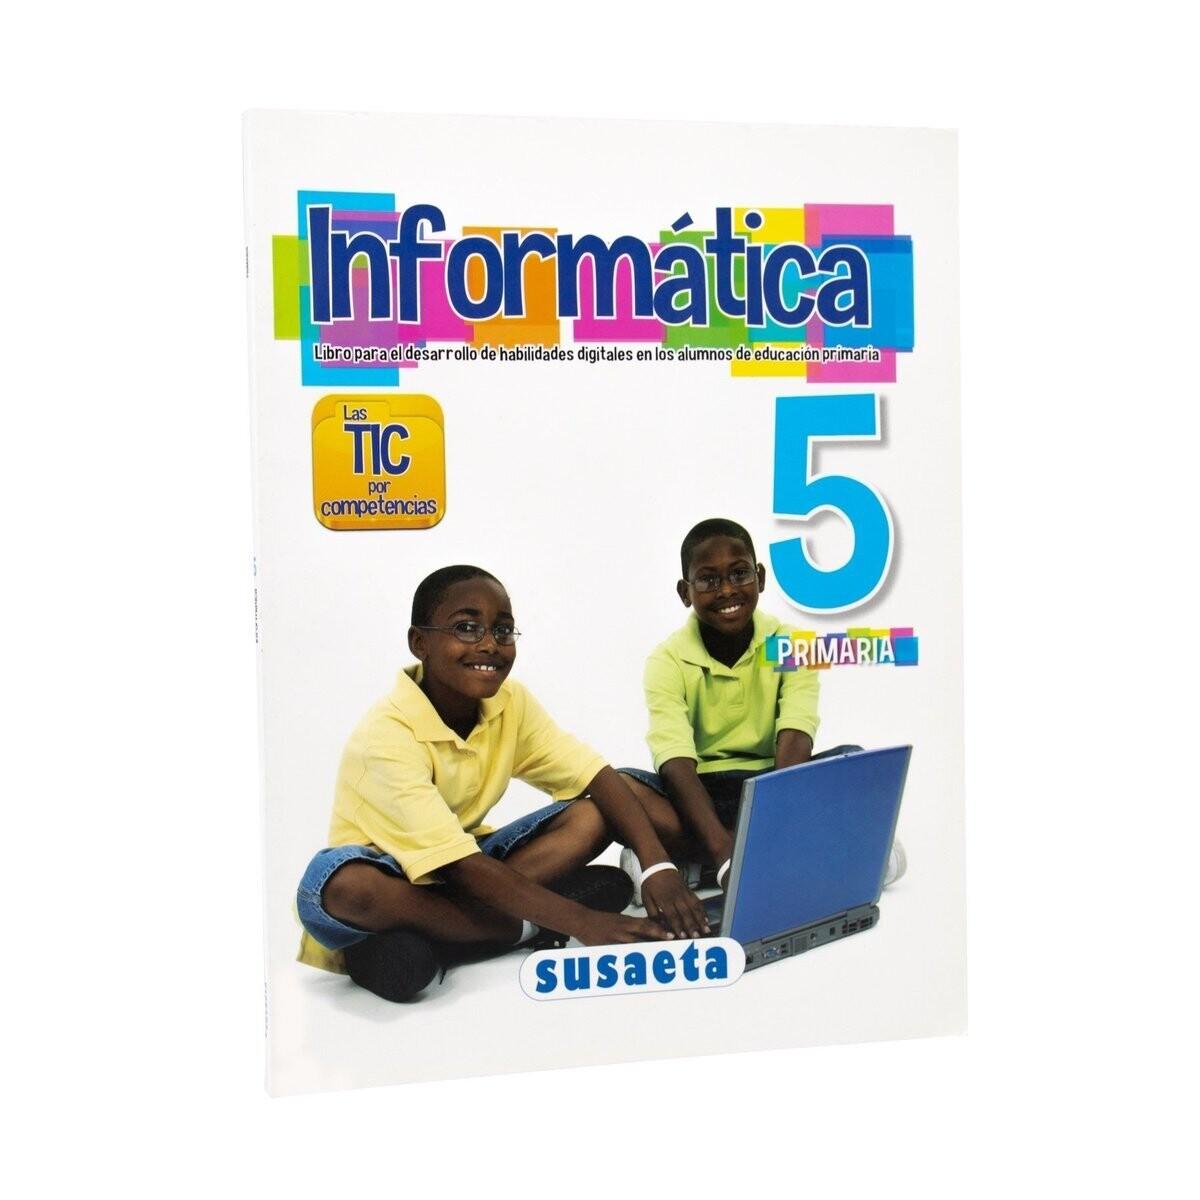 Informatica No. 5. Primaria. Susaeta